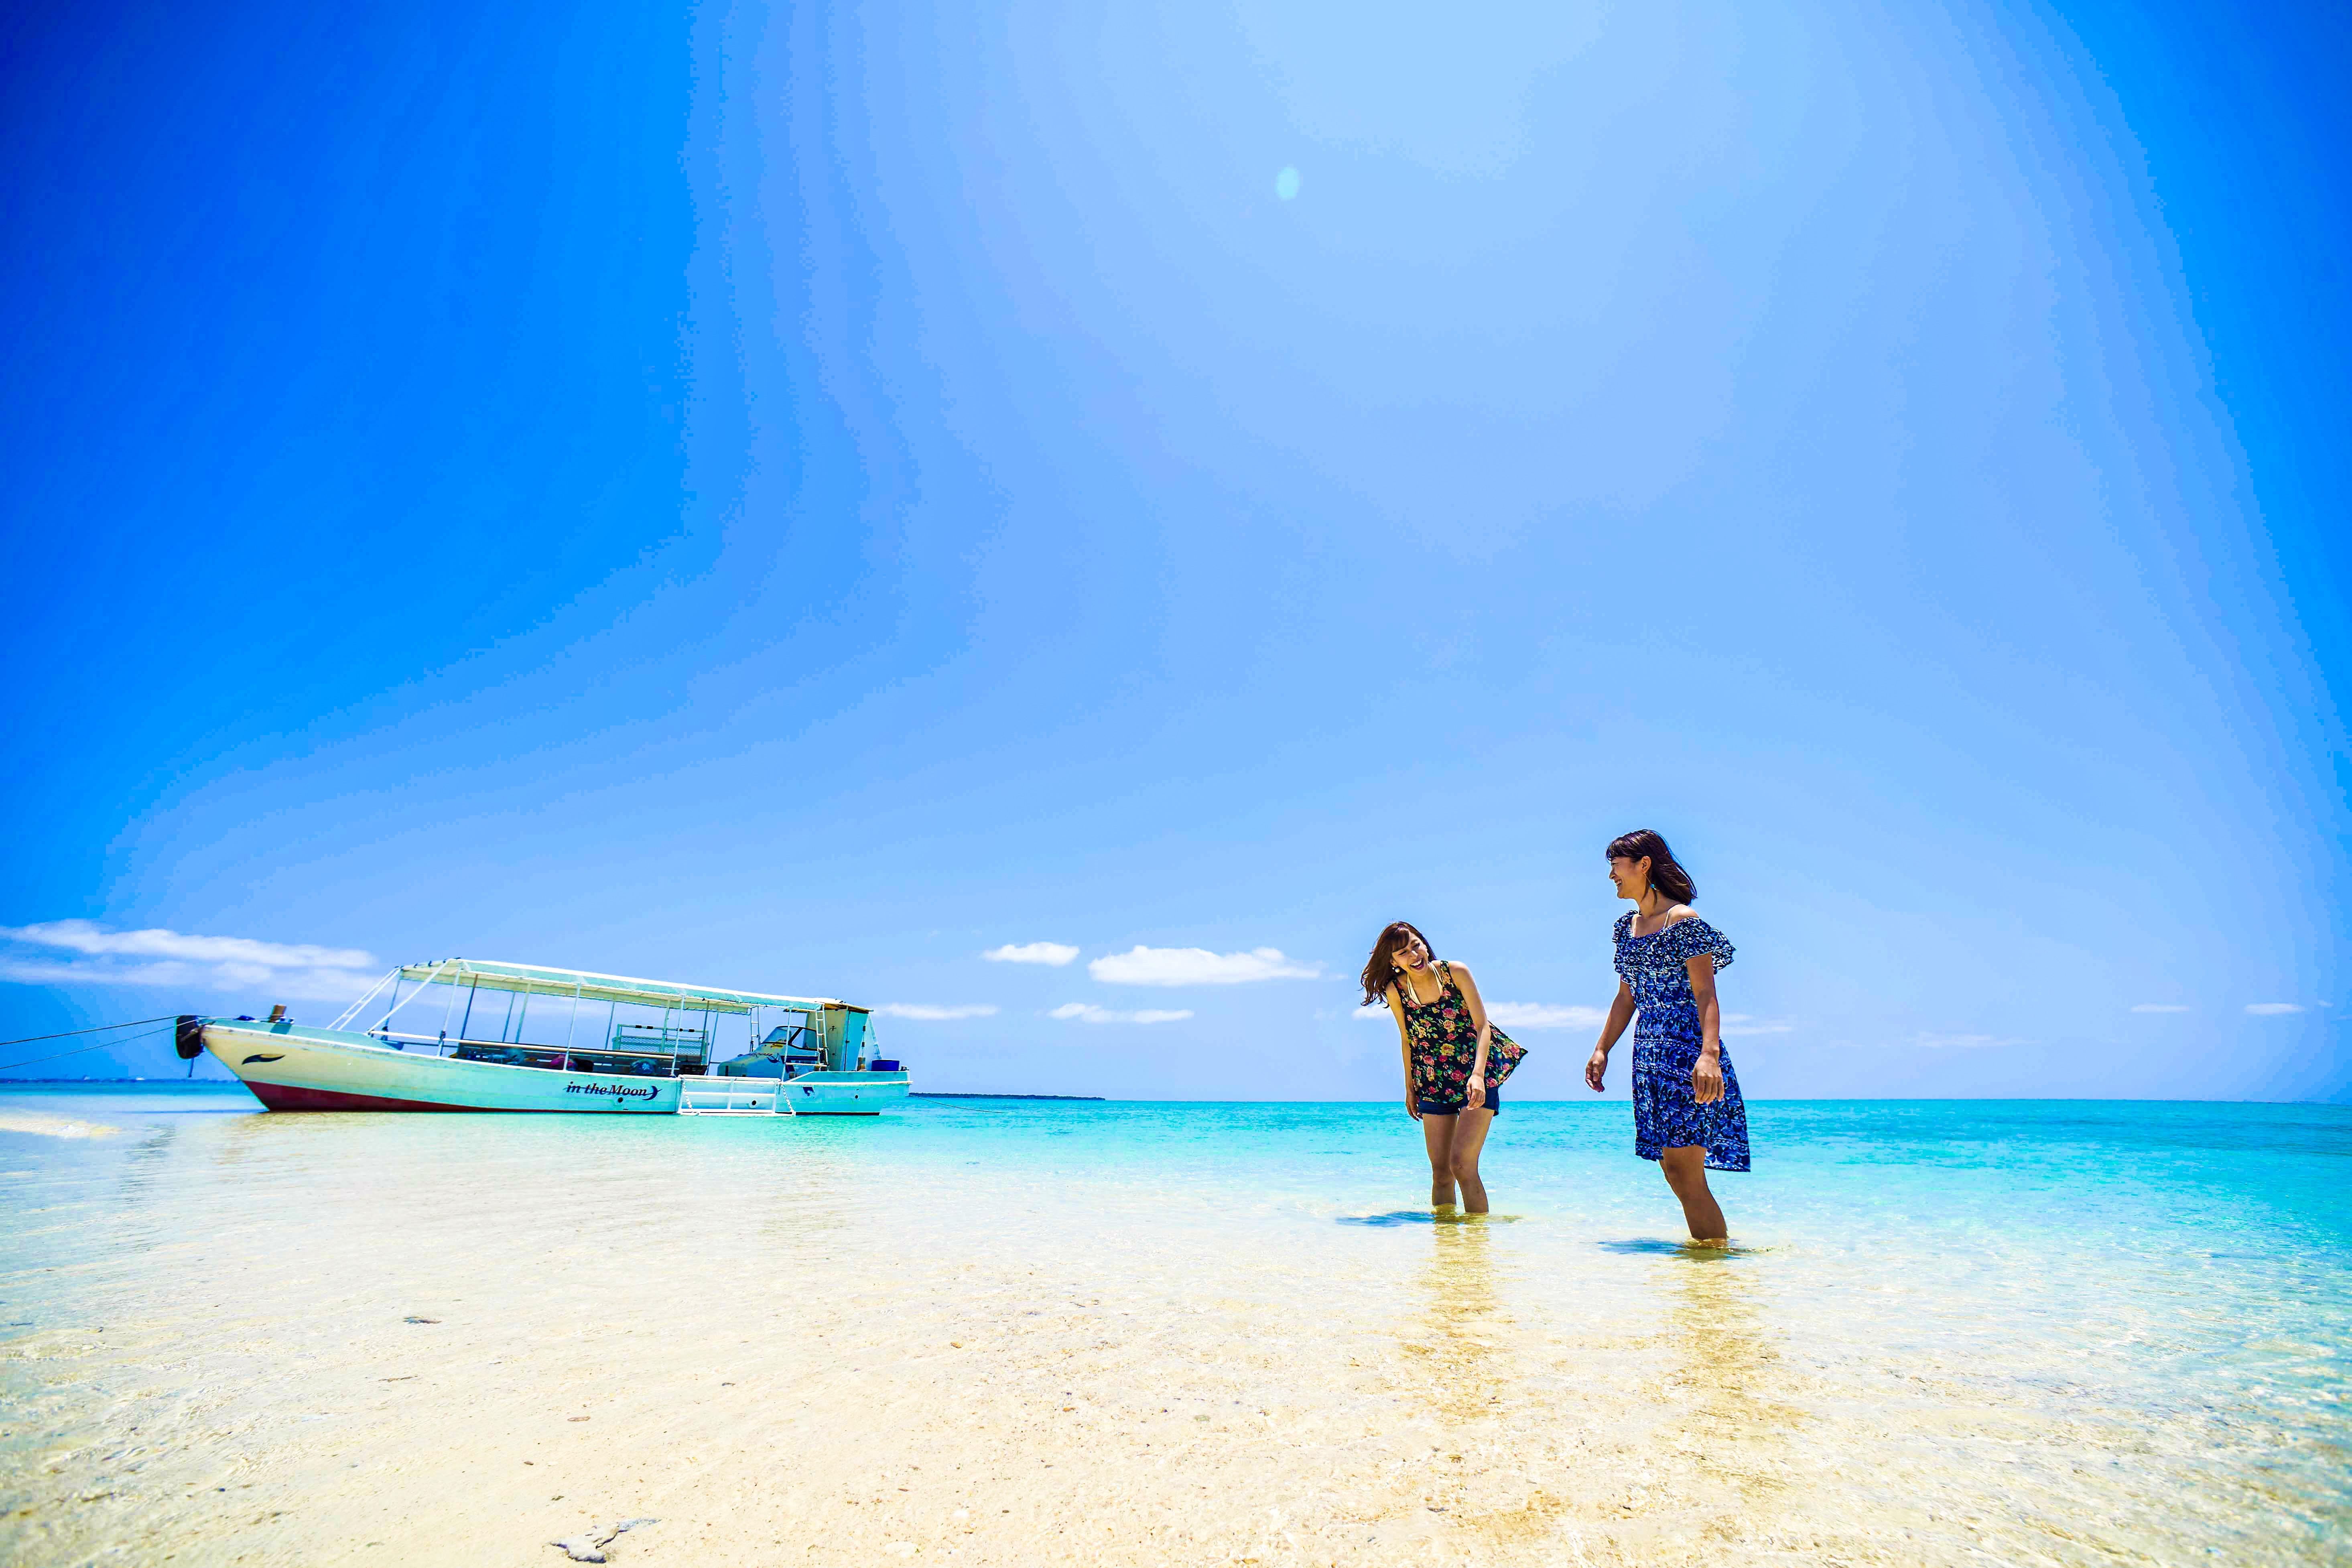 幻の島で水浴びをする女性達